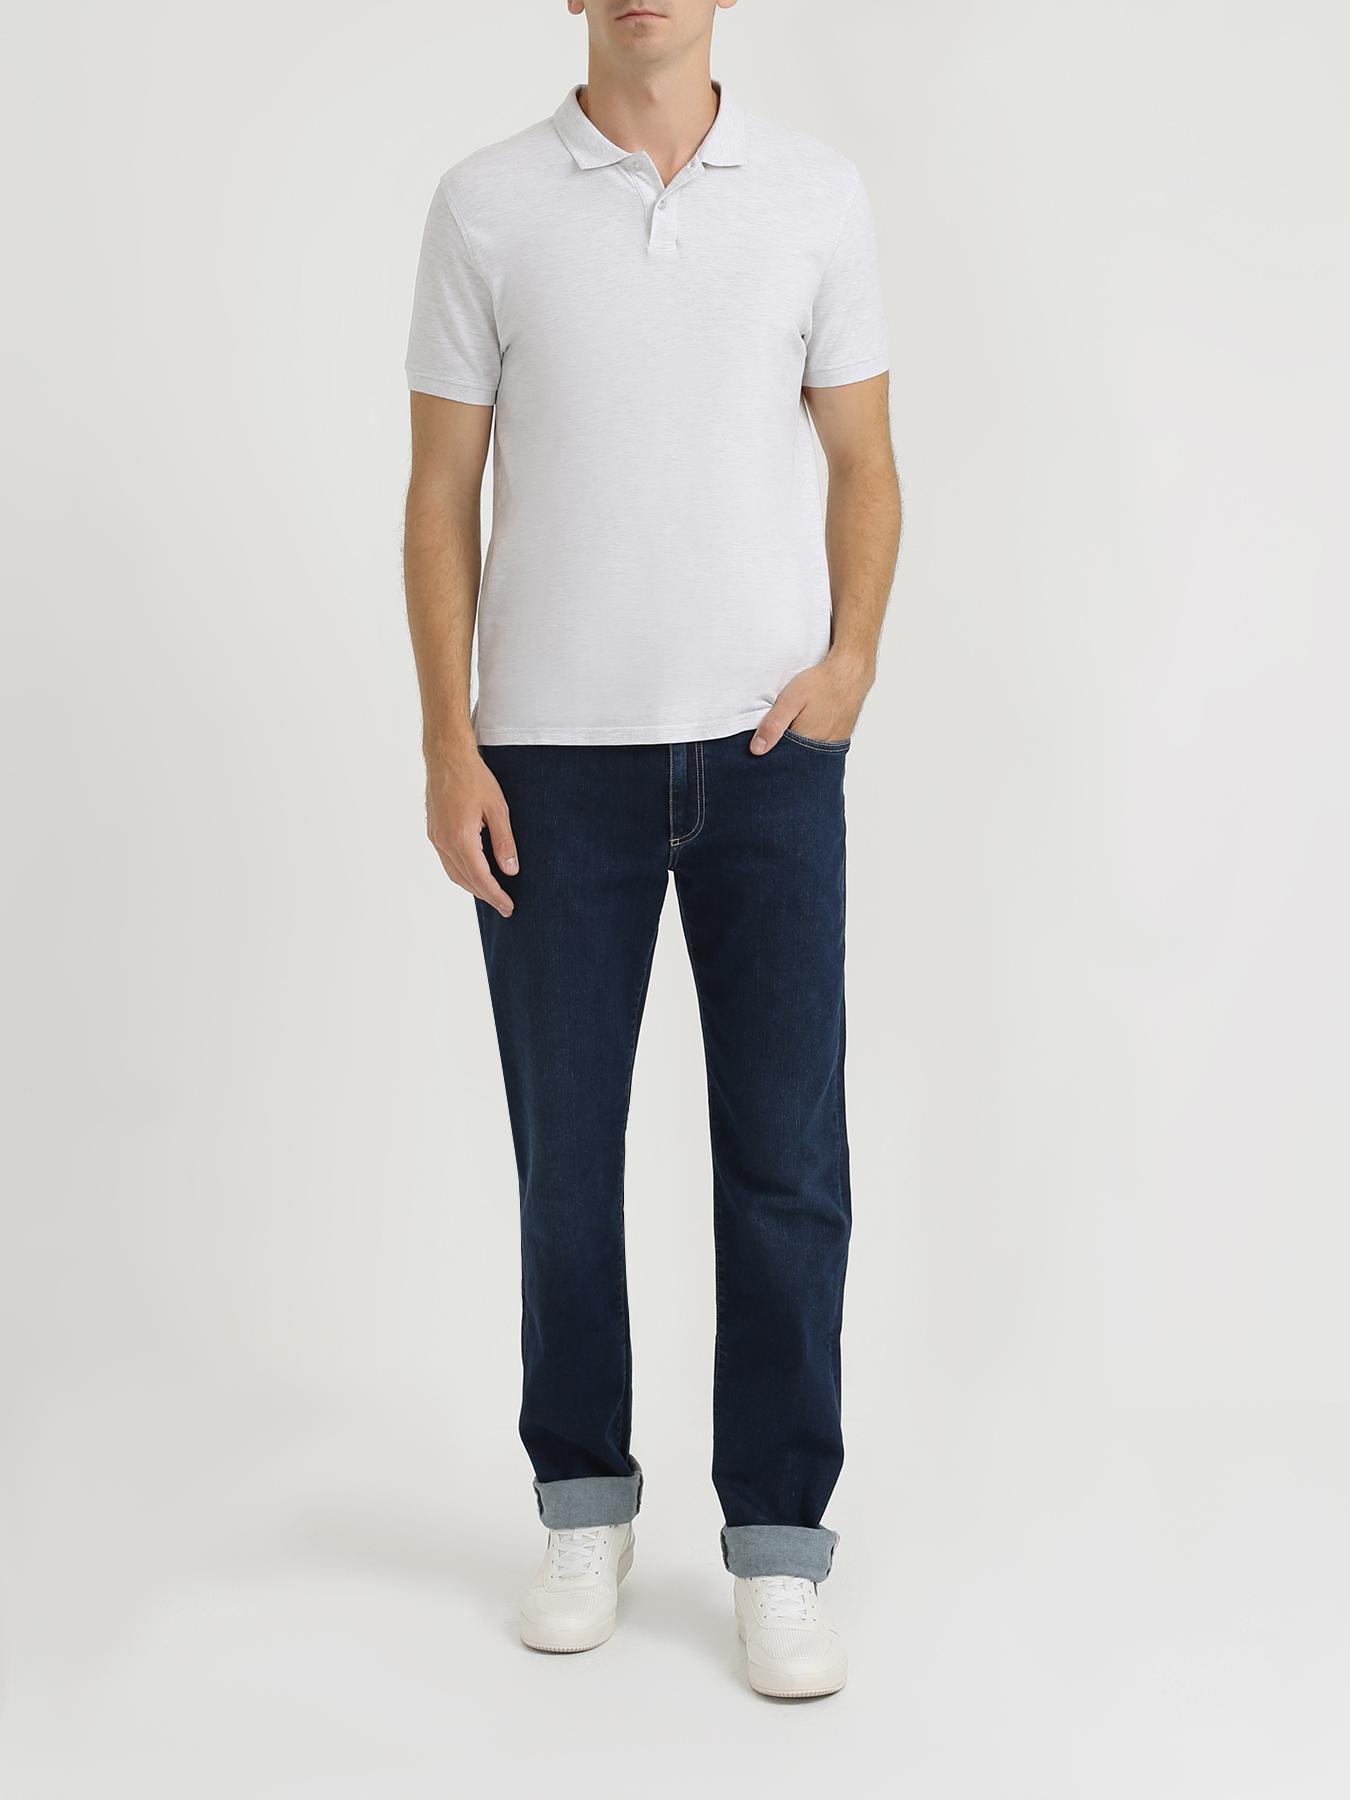 Фото - Брюки Korpo Collezioni Мужские джинсы джинсы мужские lee цвет синий l704aaui размер 33 34 48 50 34